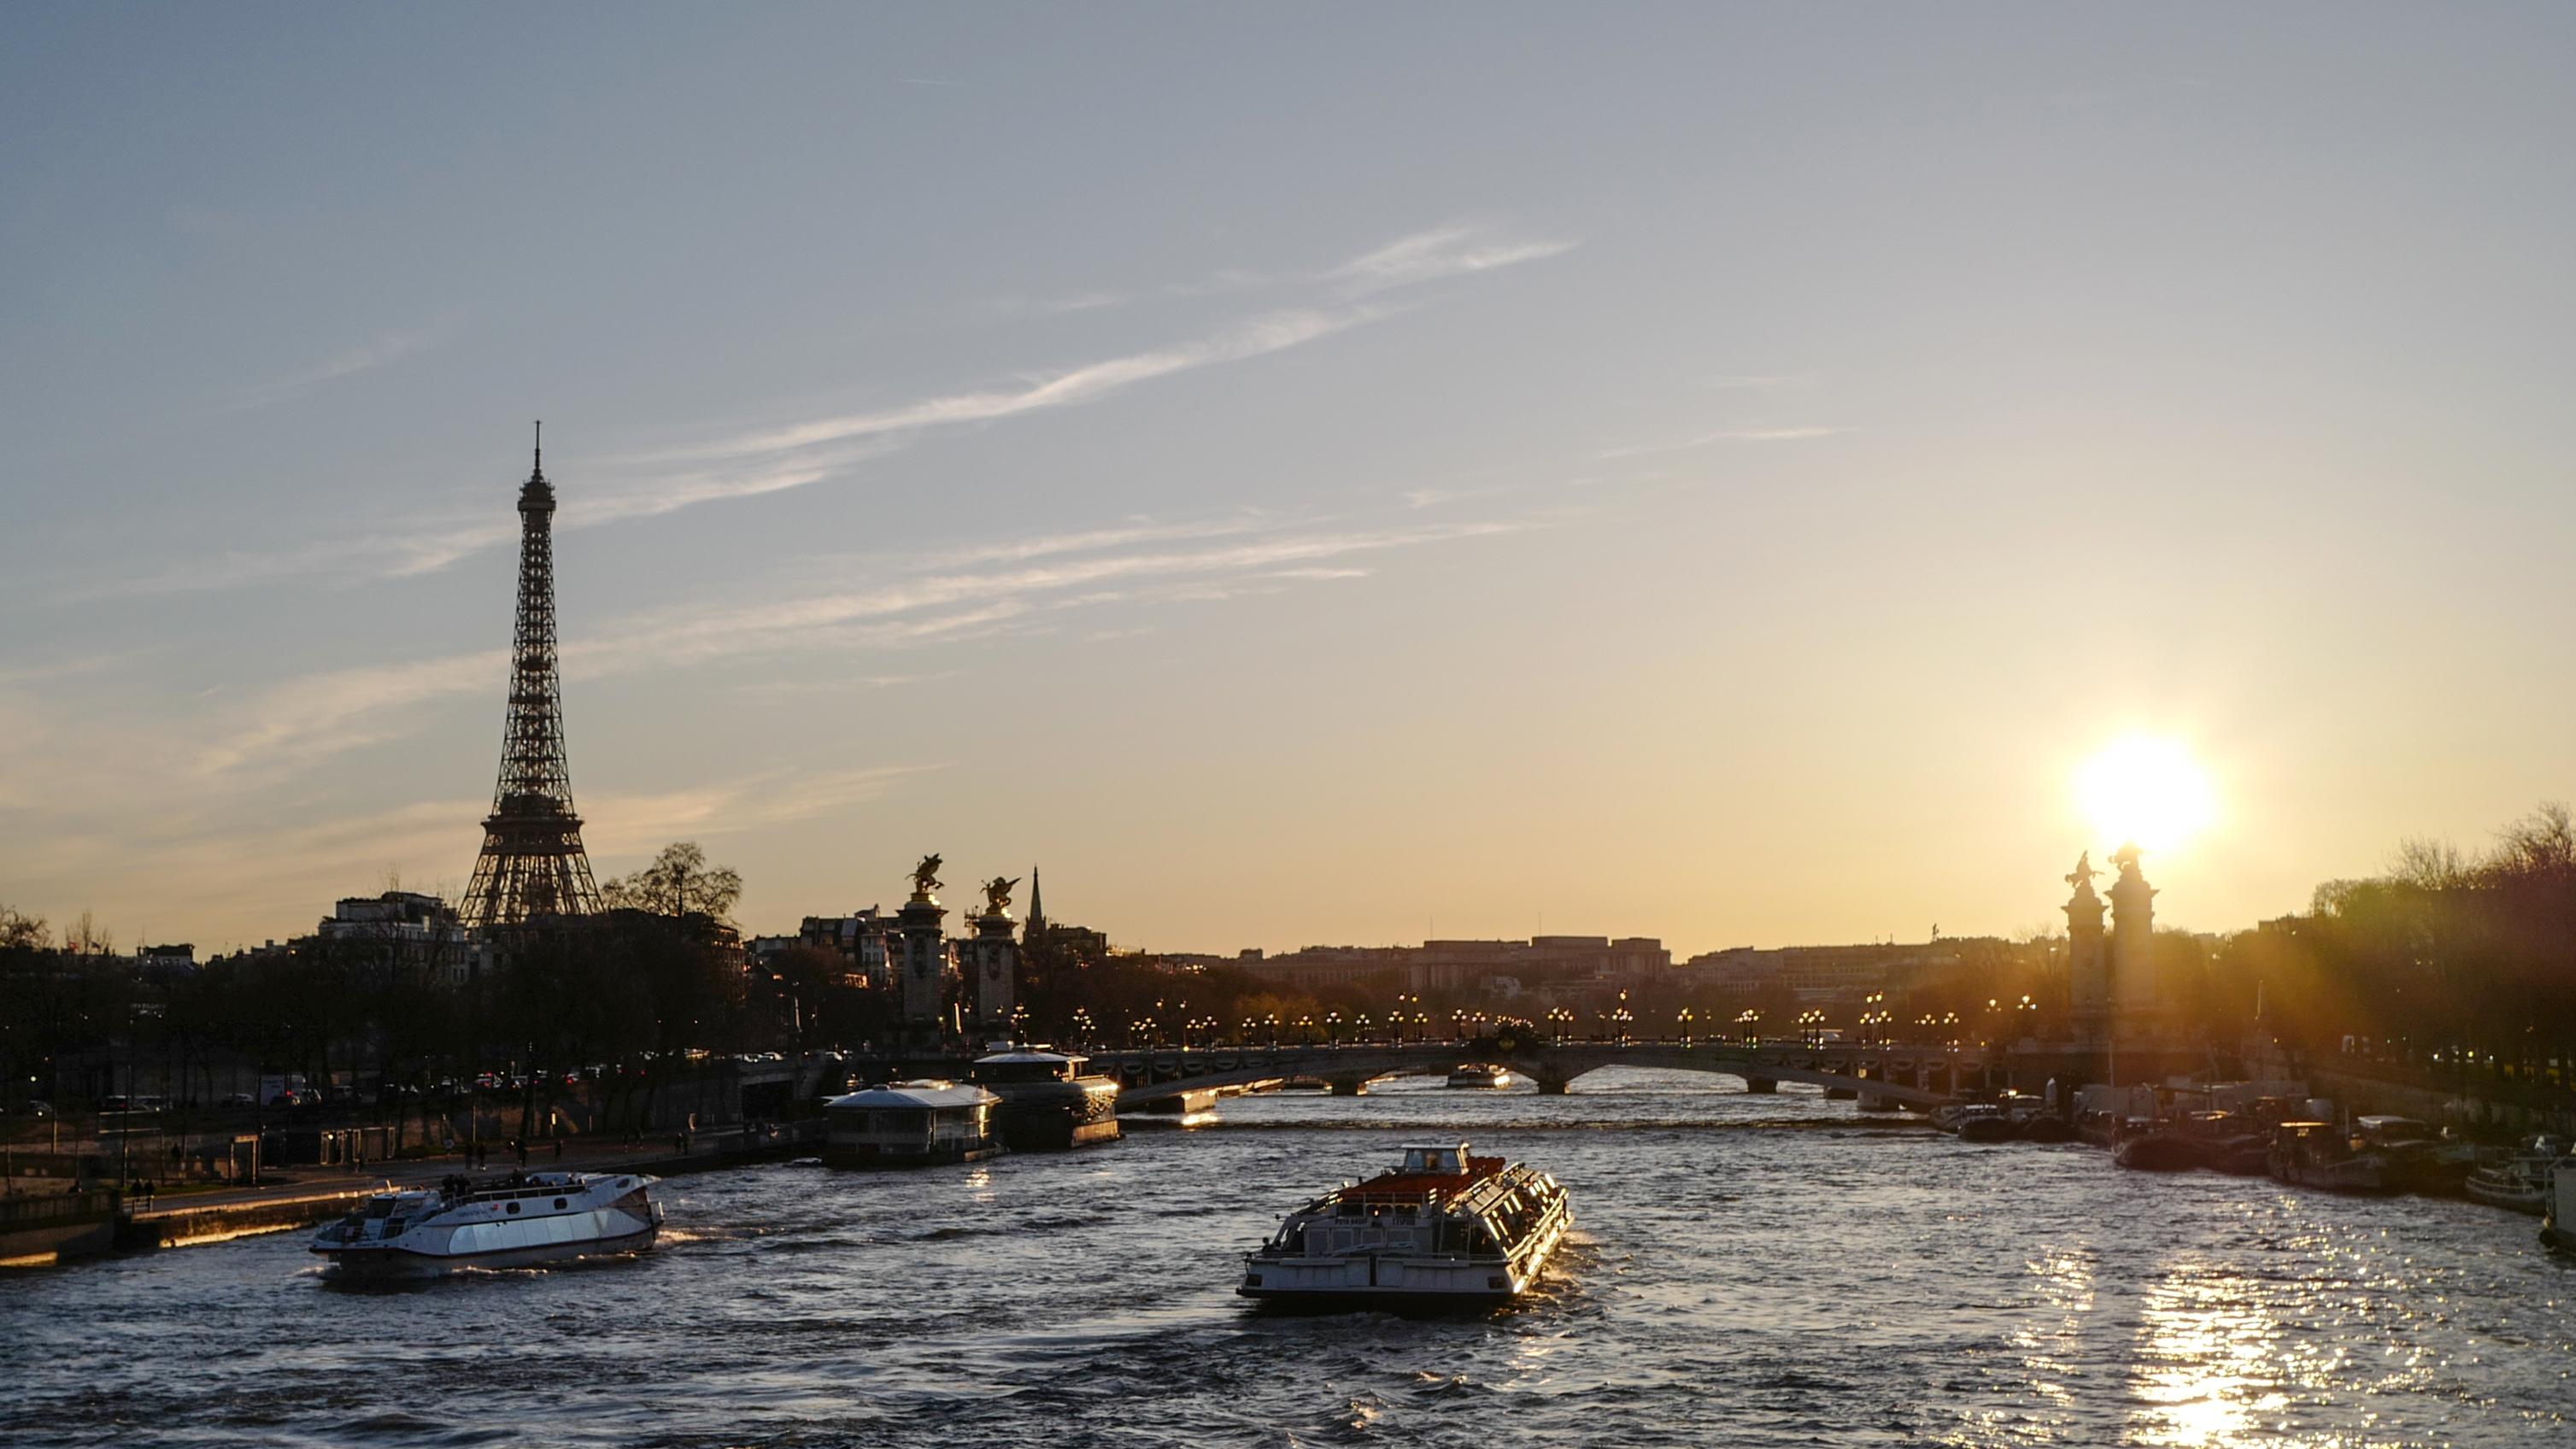 Torre Eiffel al atardecer. Crédito: Agence France Presse